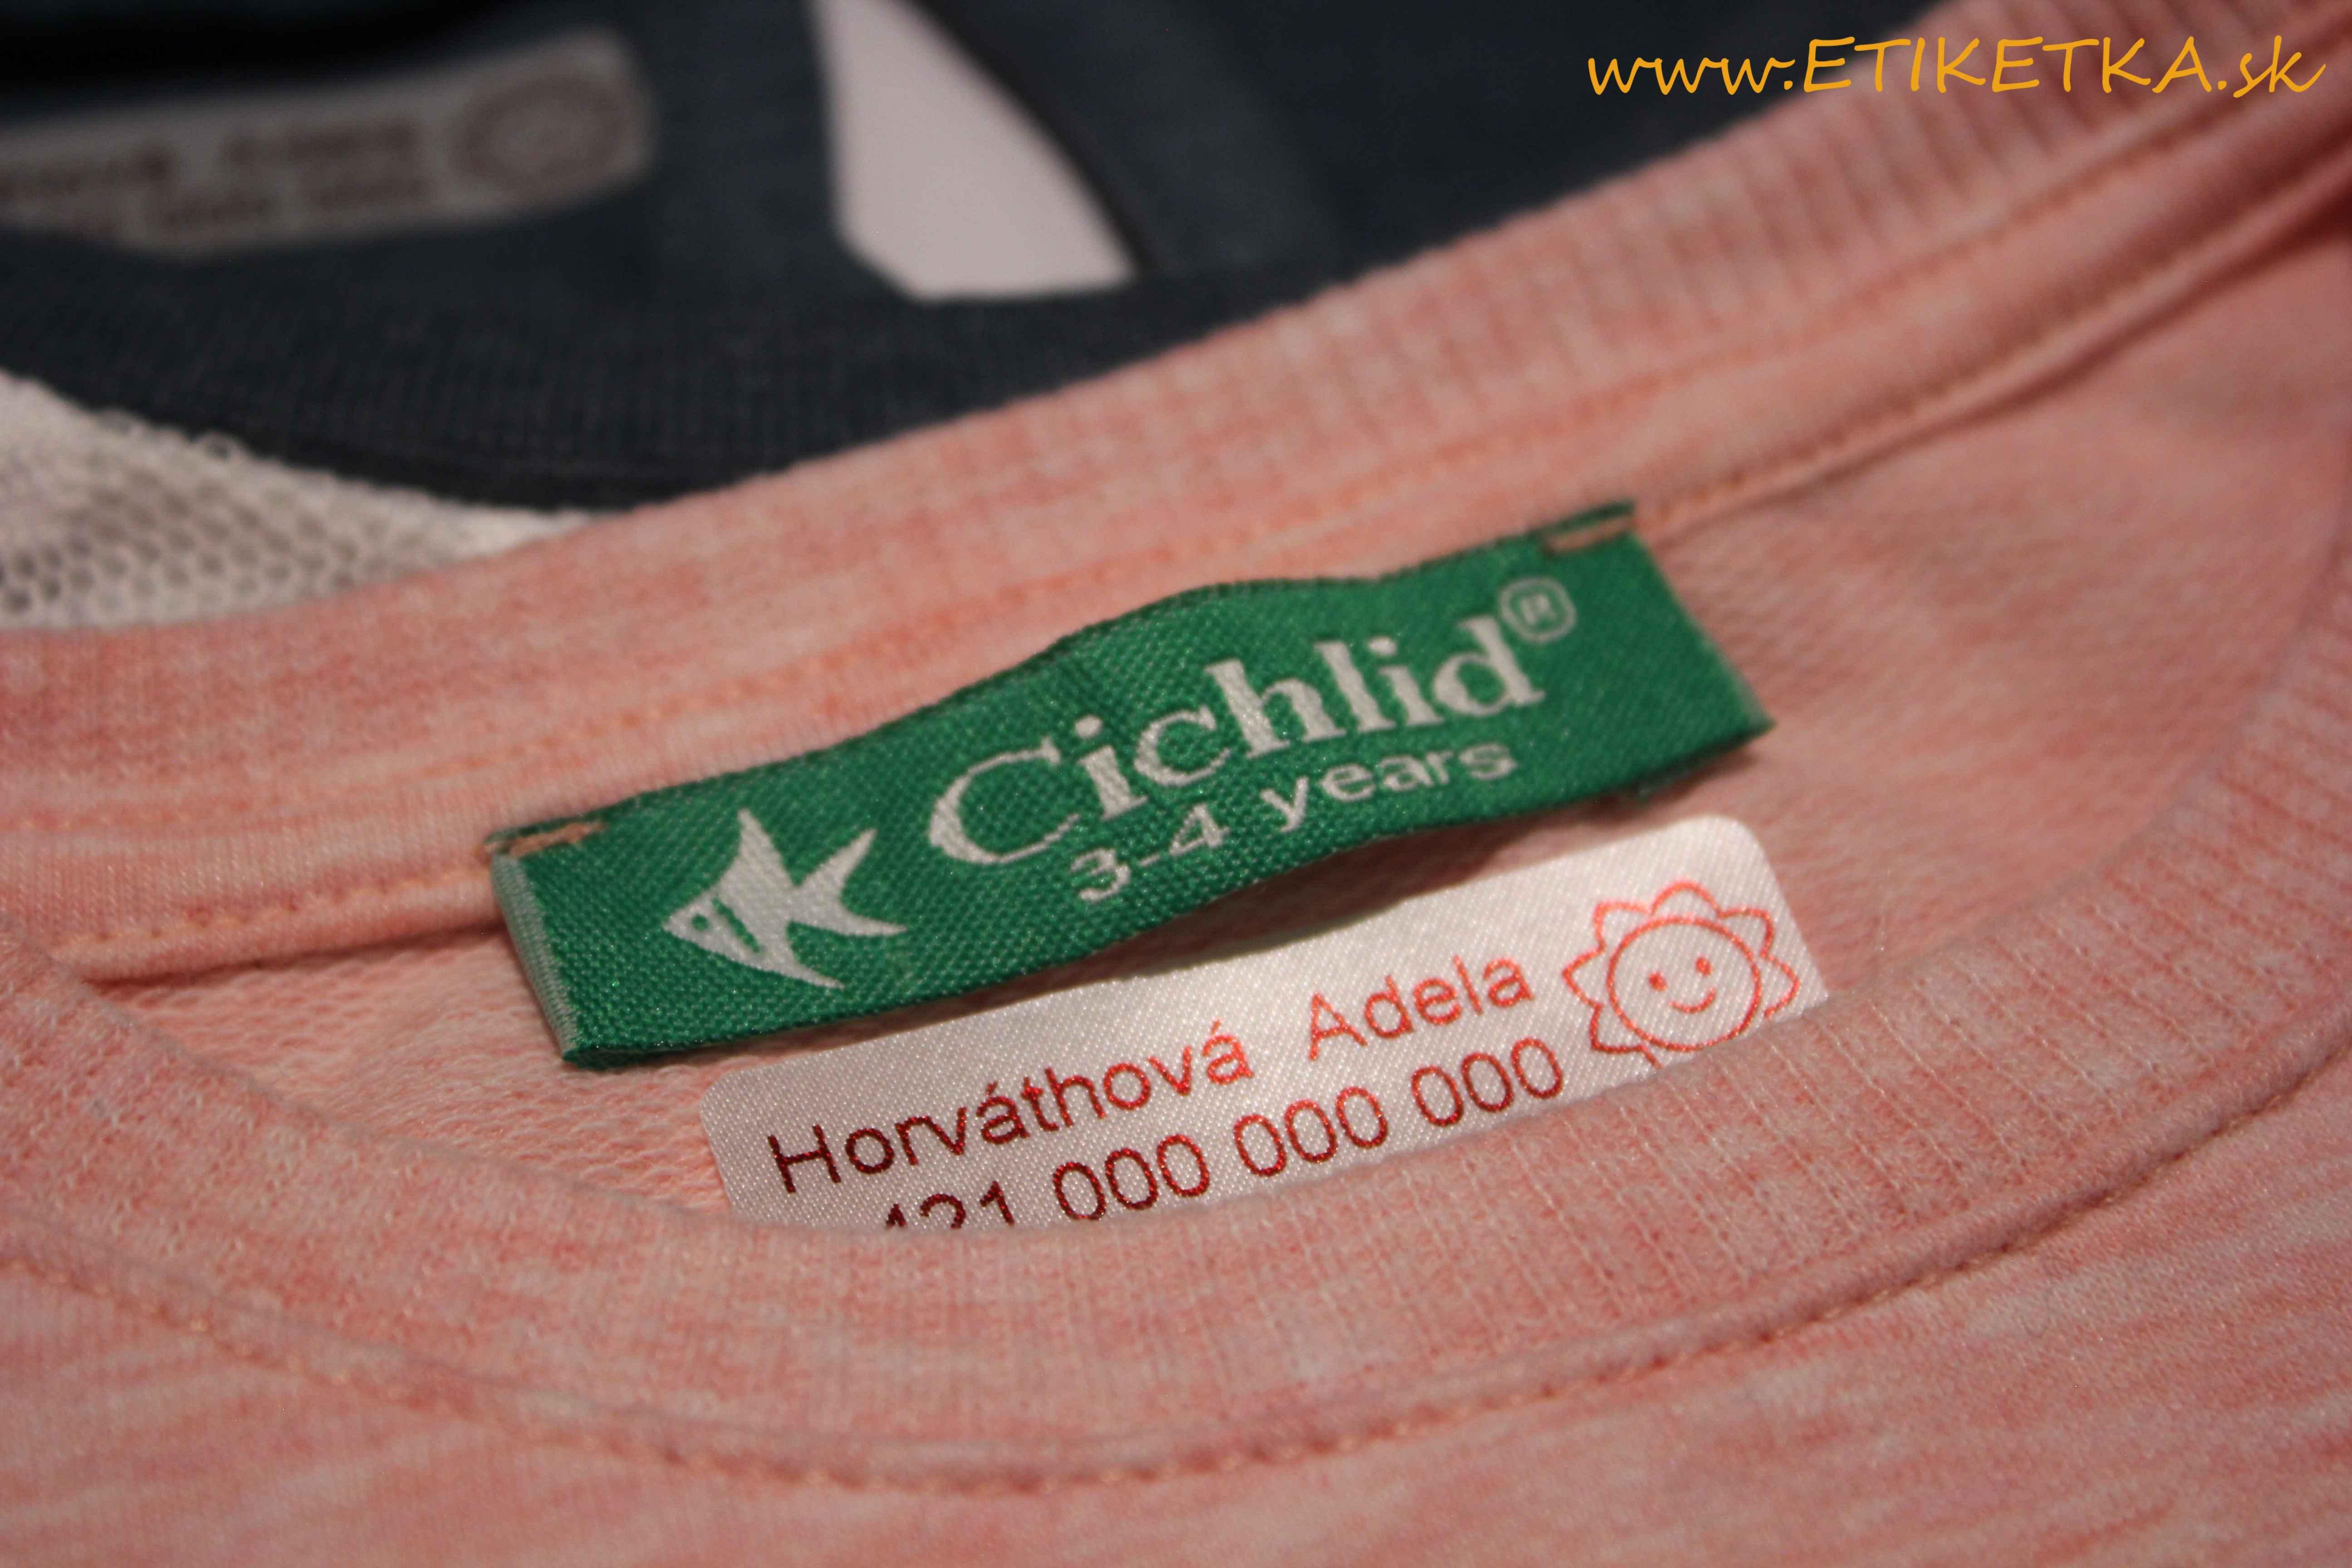 štítky na oblečení